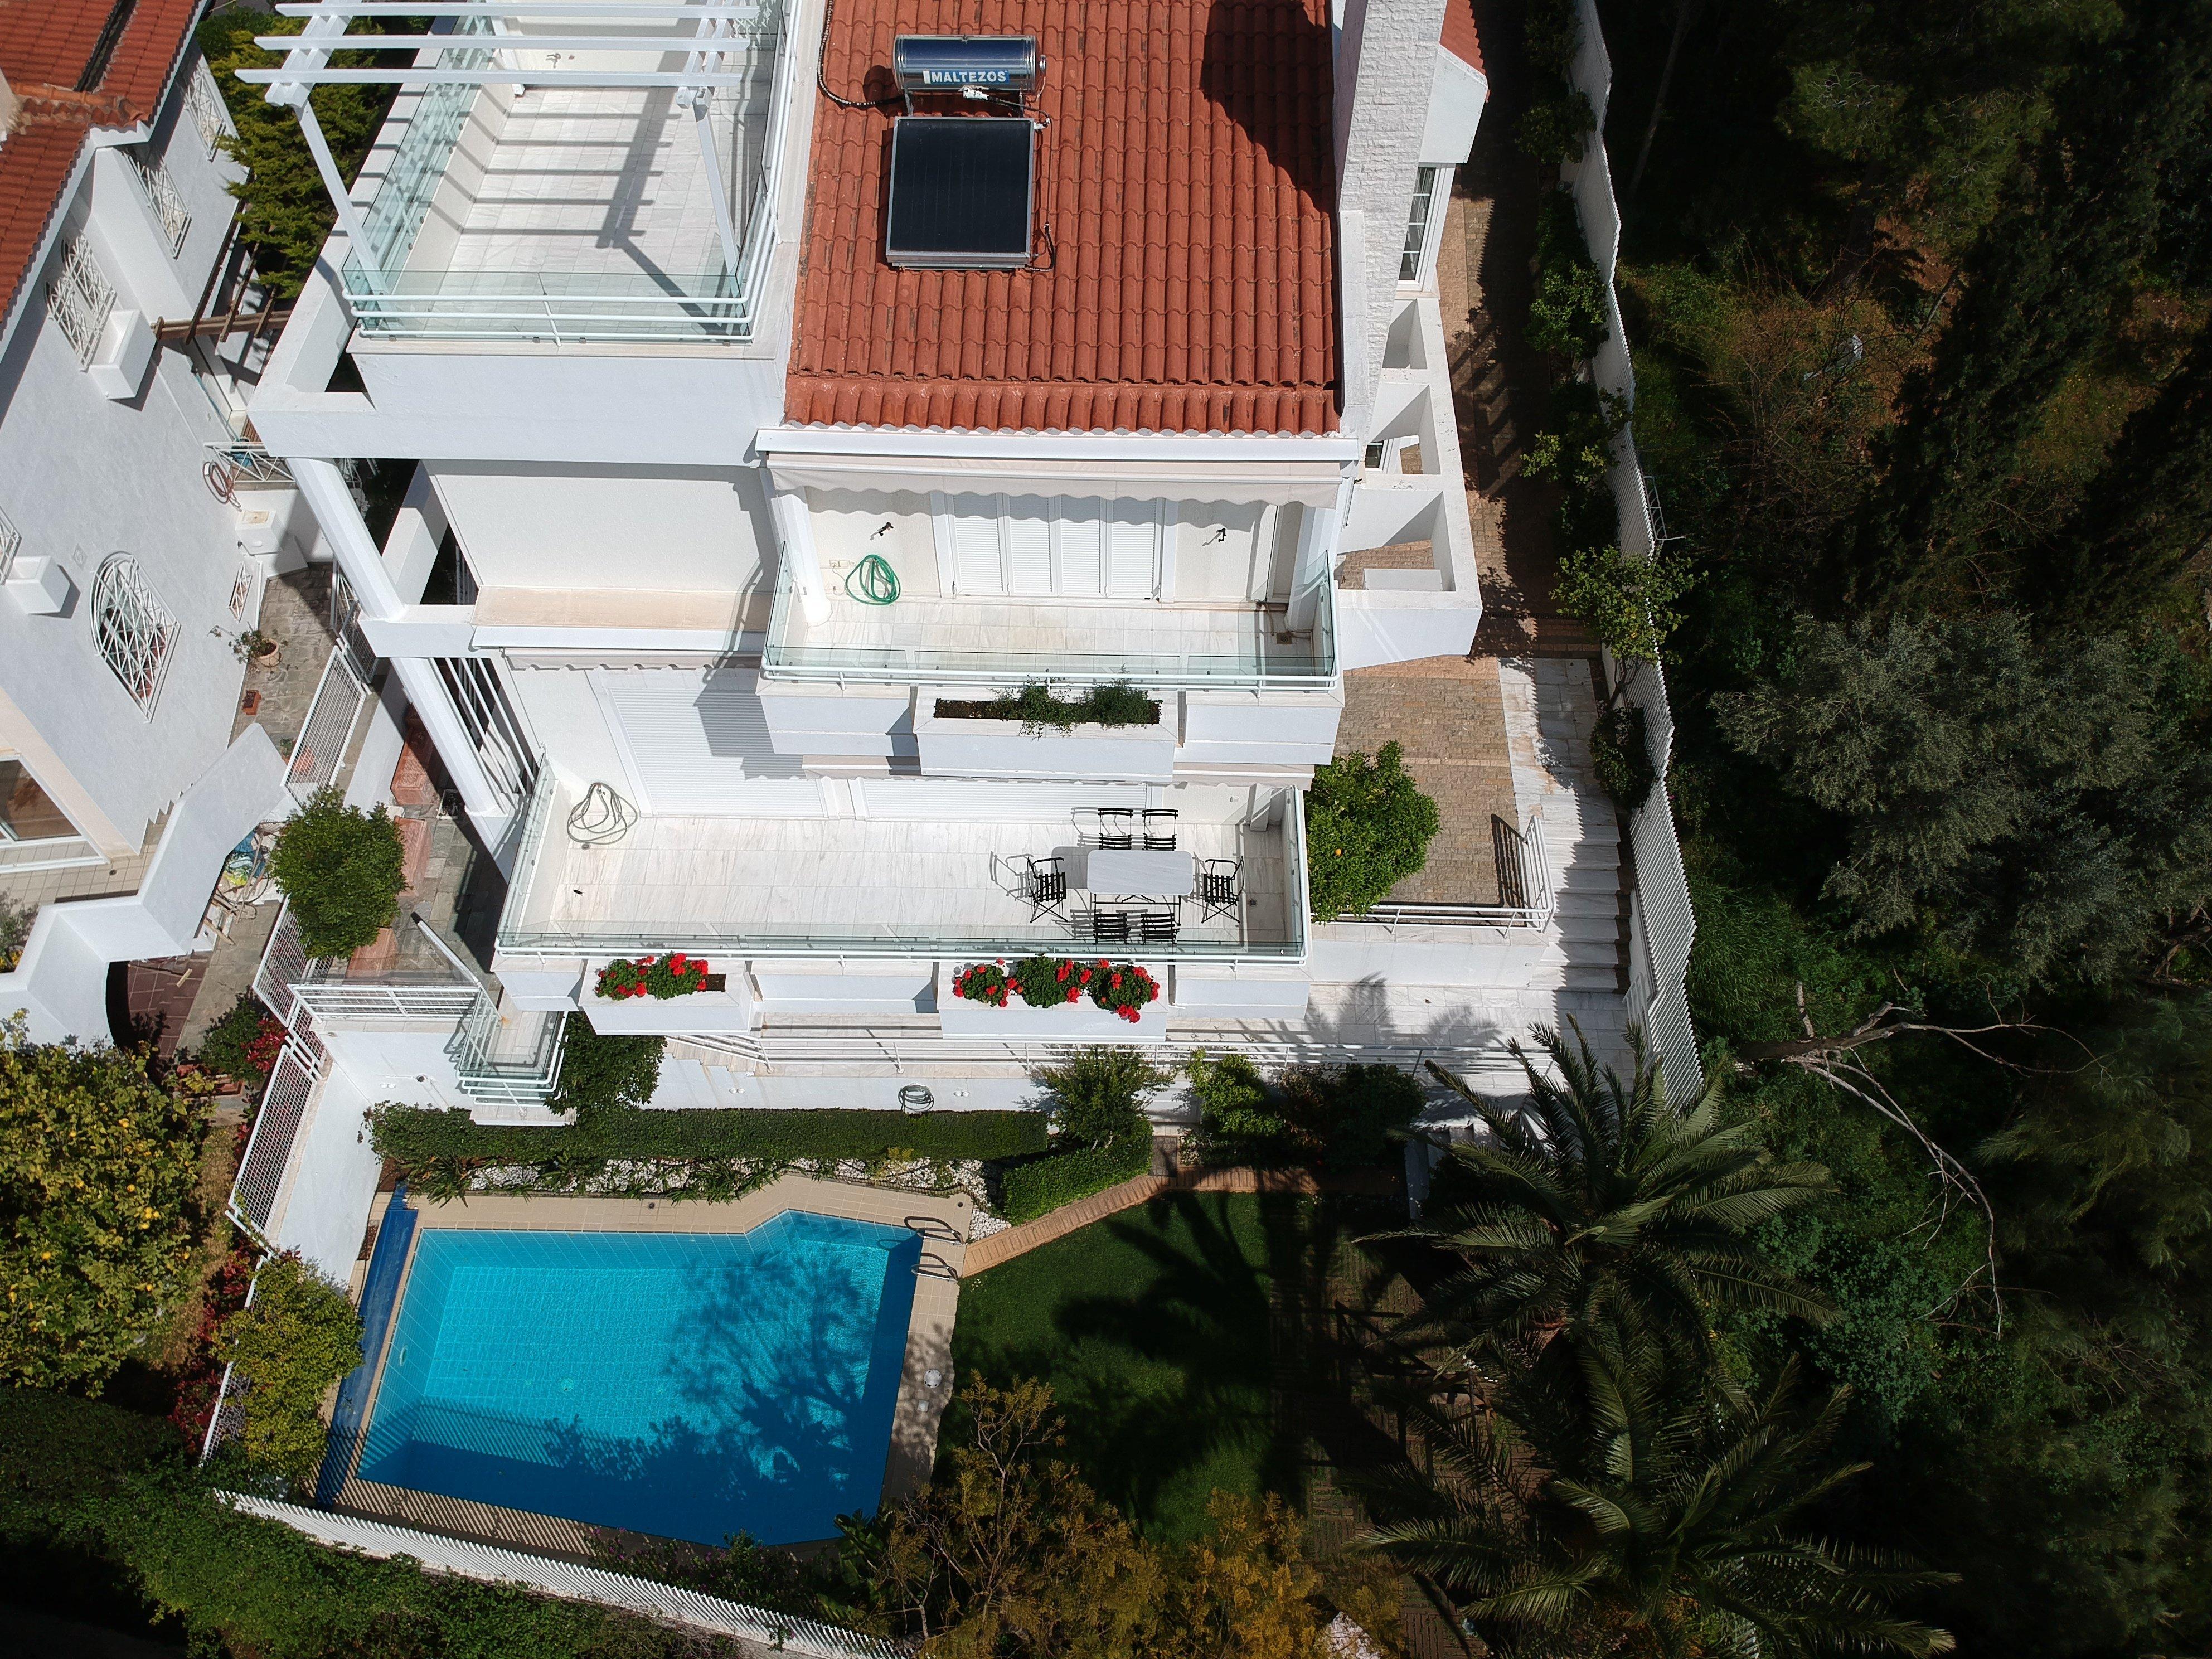 Casa, Glyfada - Ref GR-5463